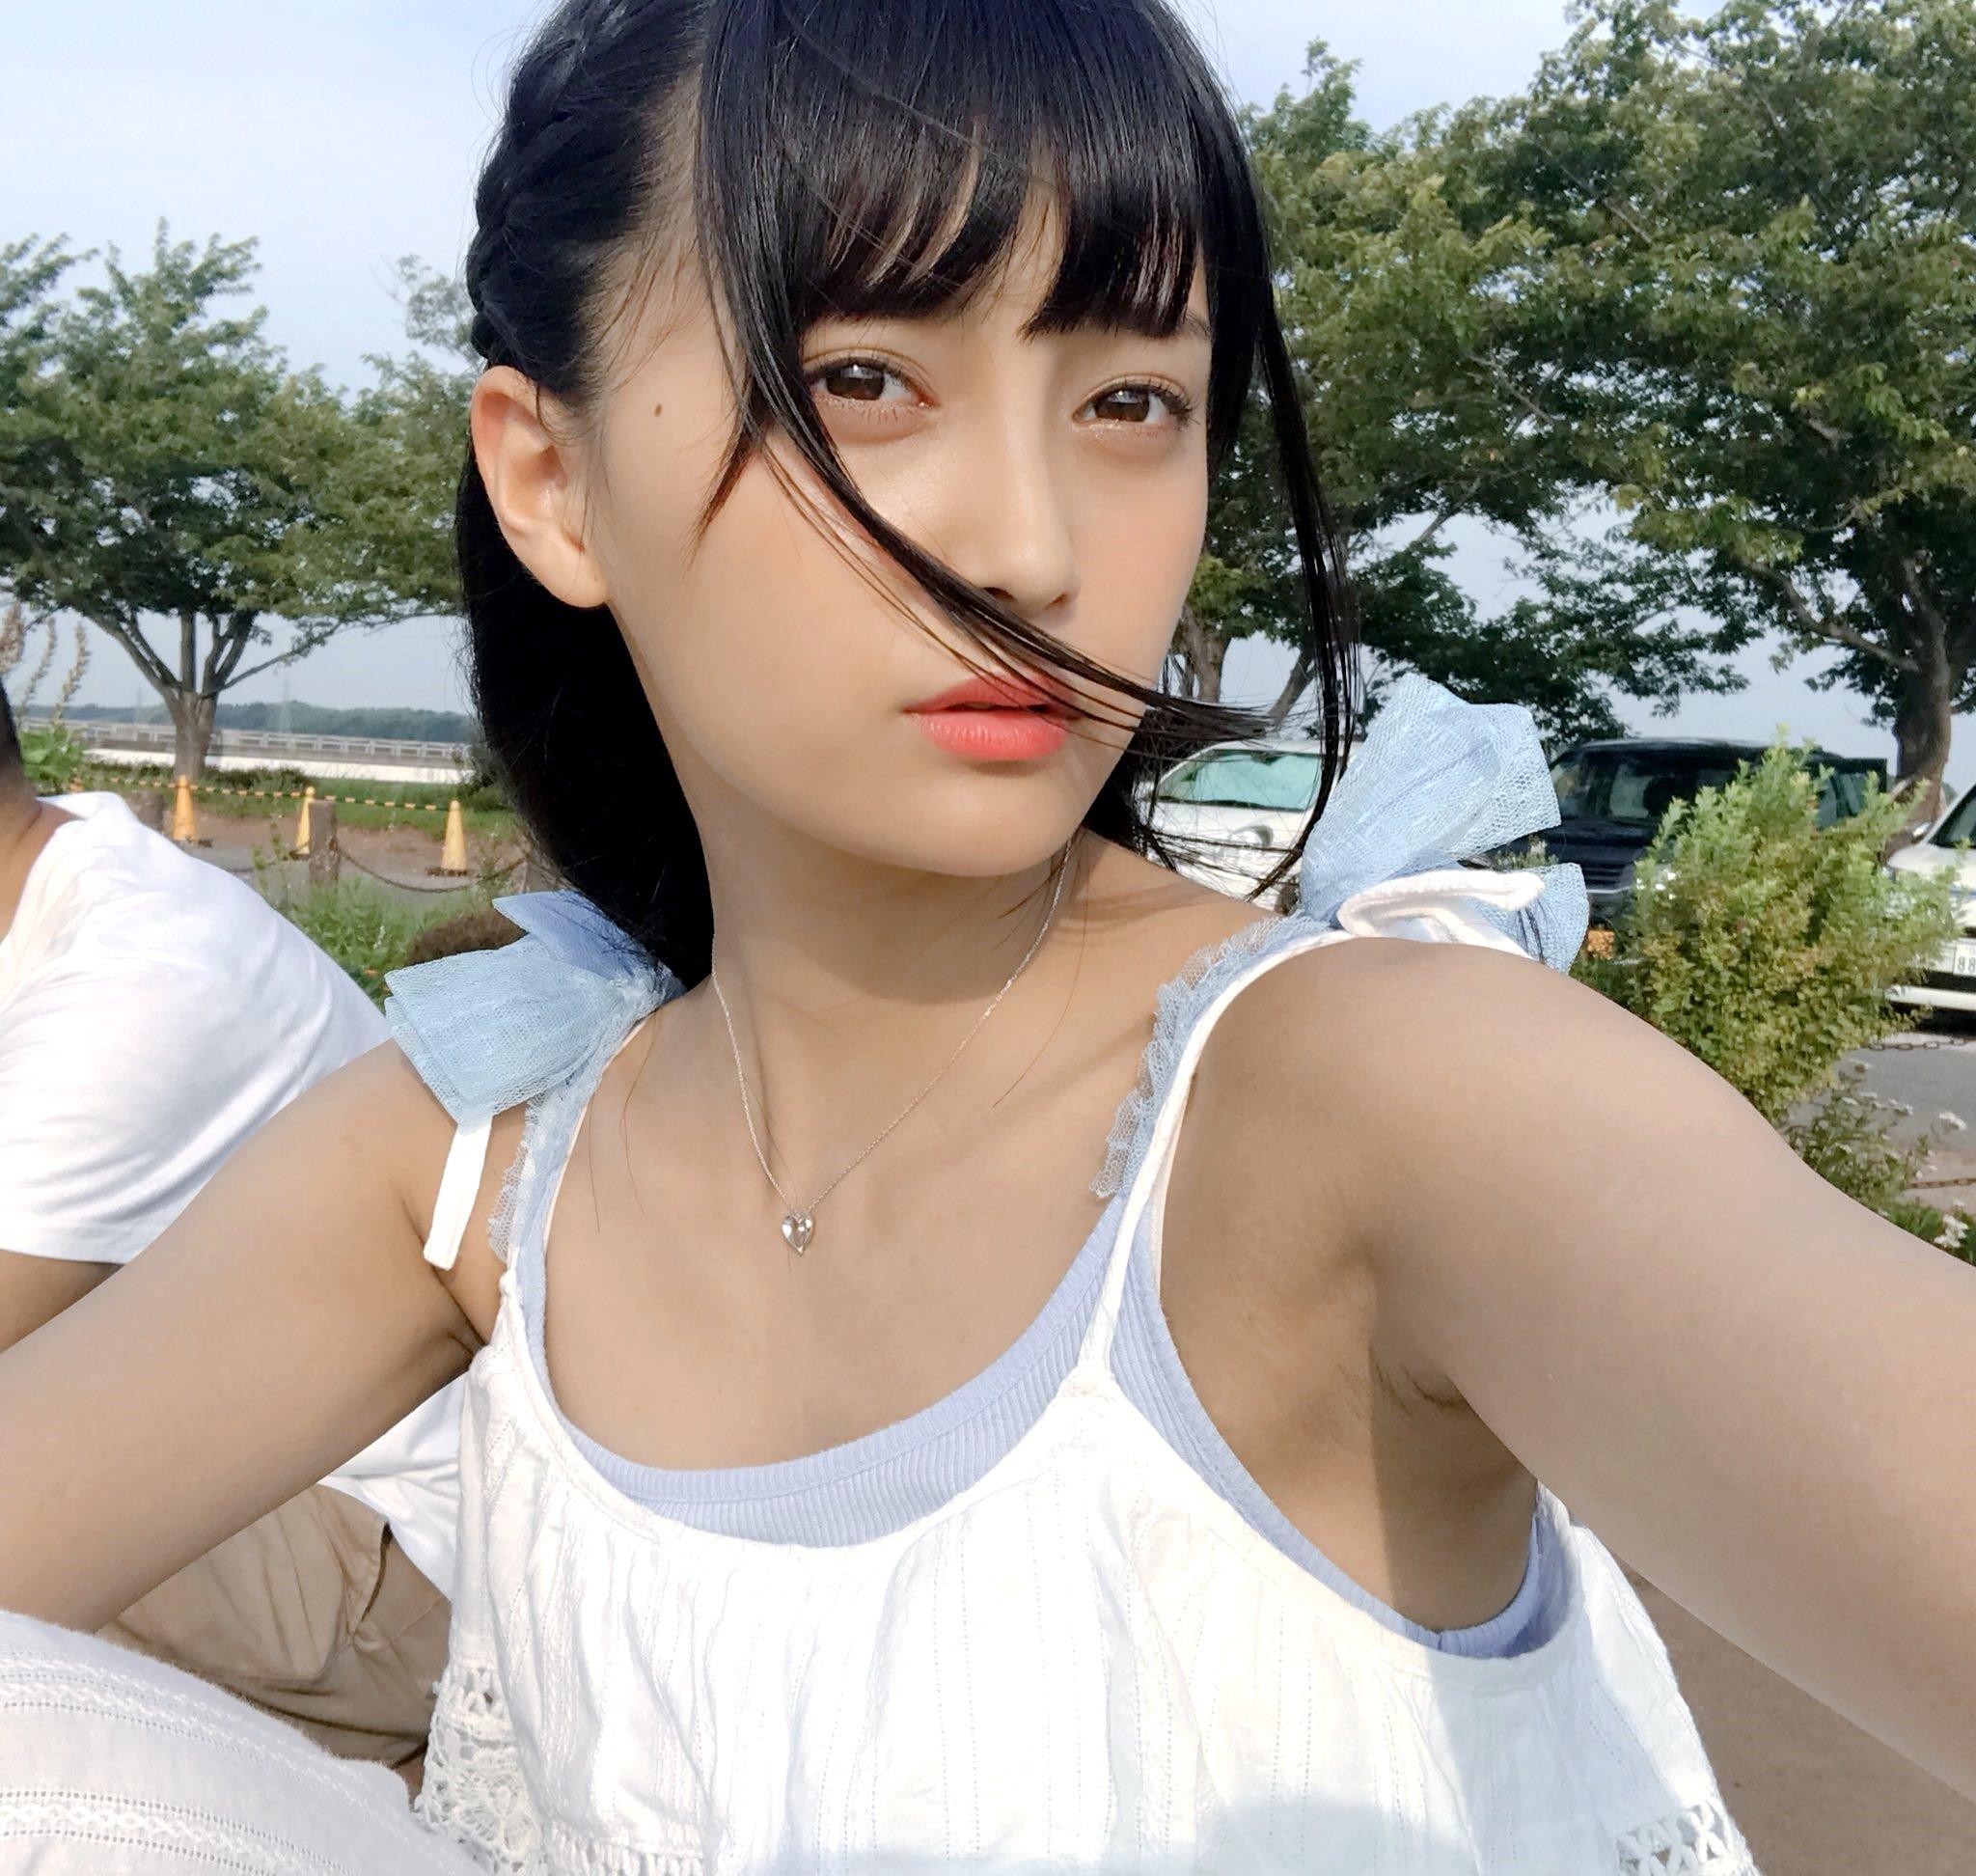 小山リーナの美腋 (1)